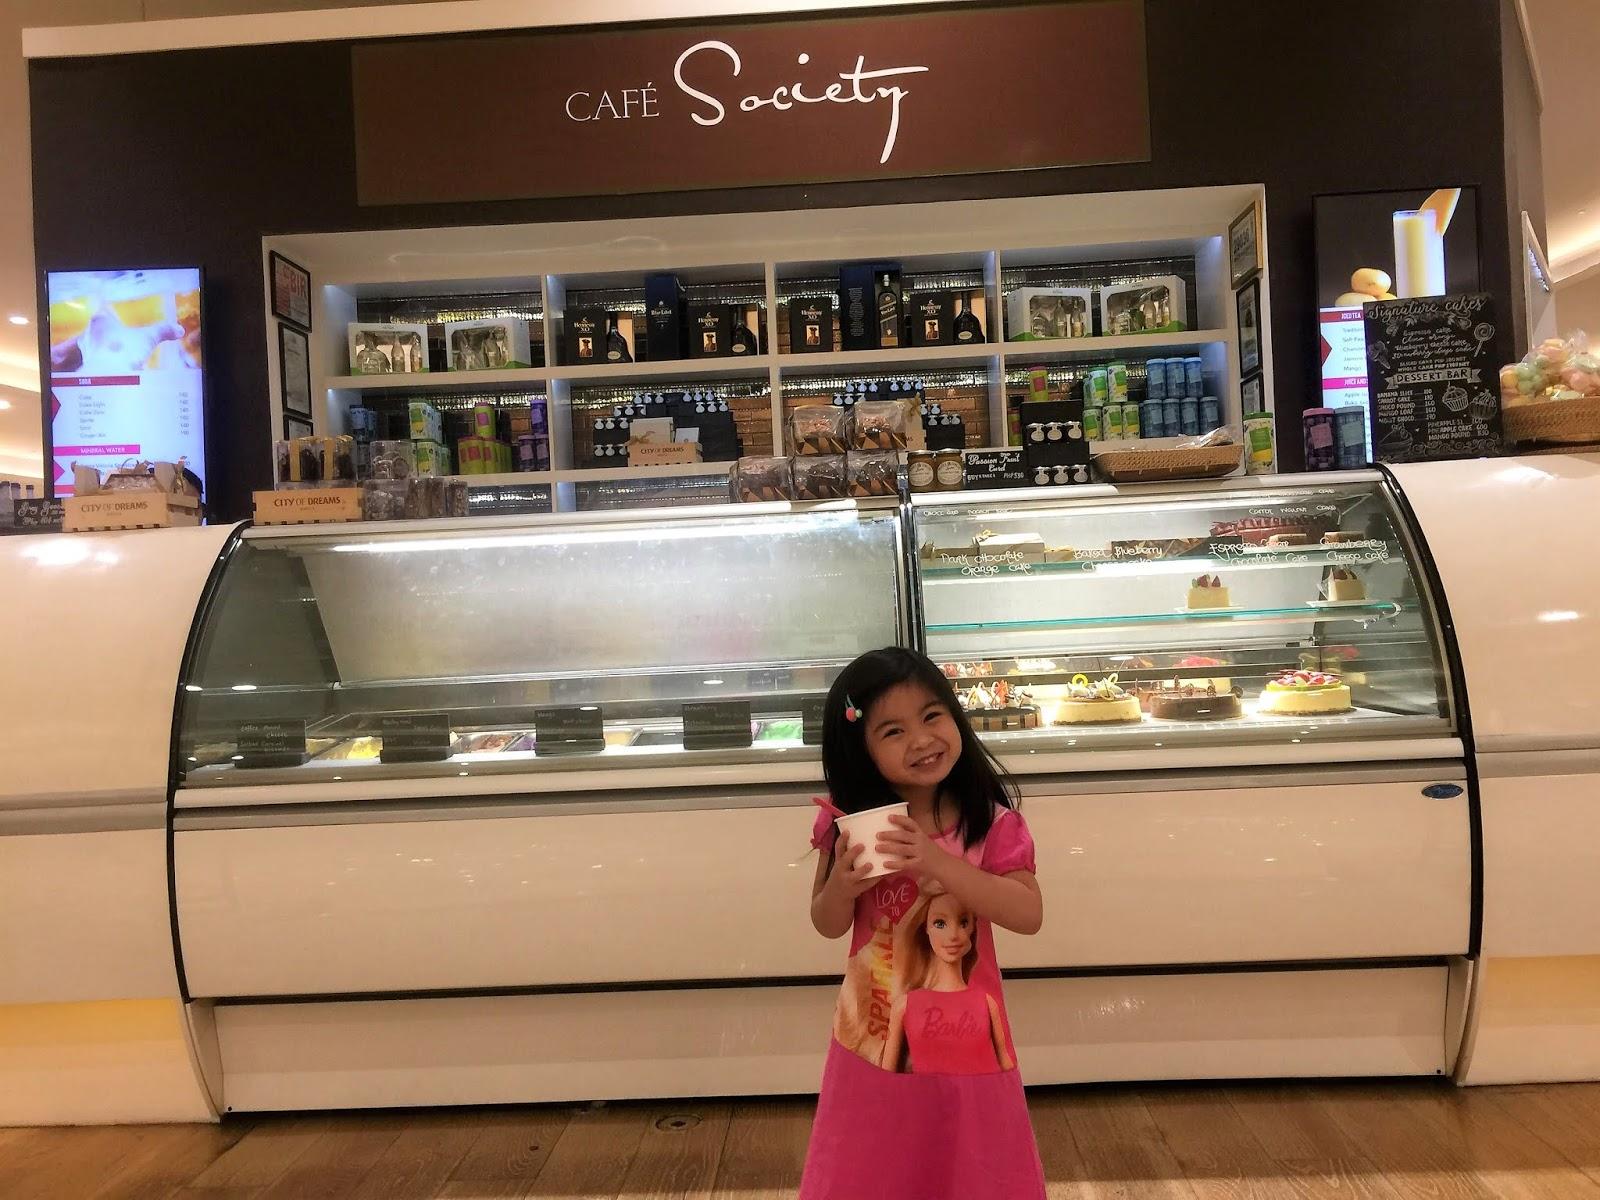 Cafe Society in City of Dreams Manila